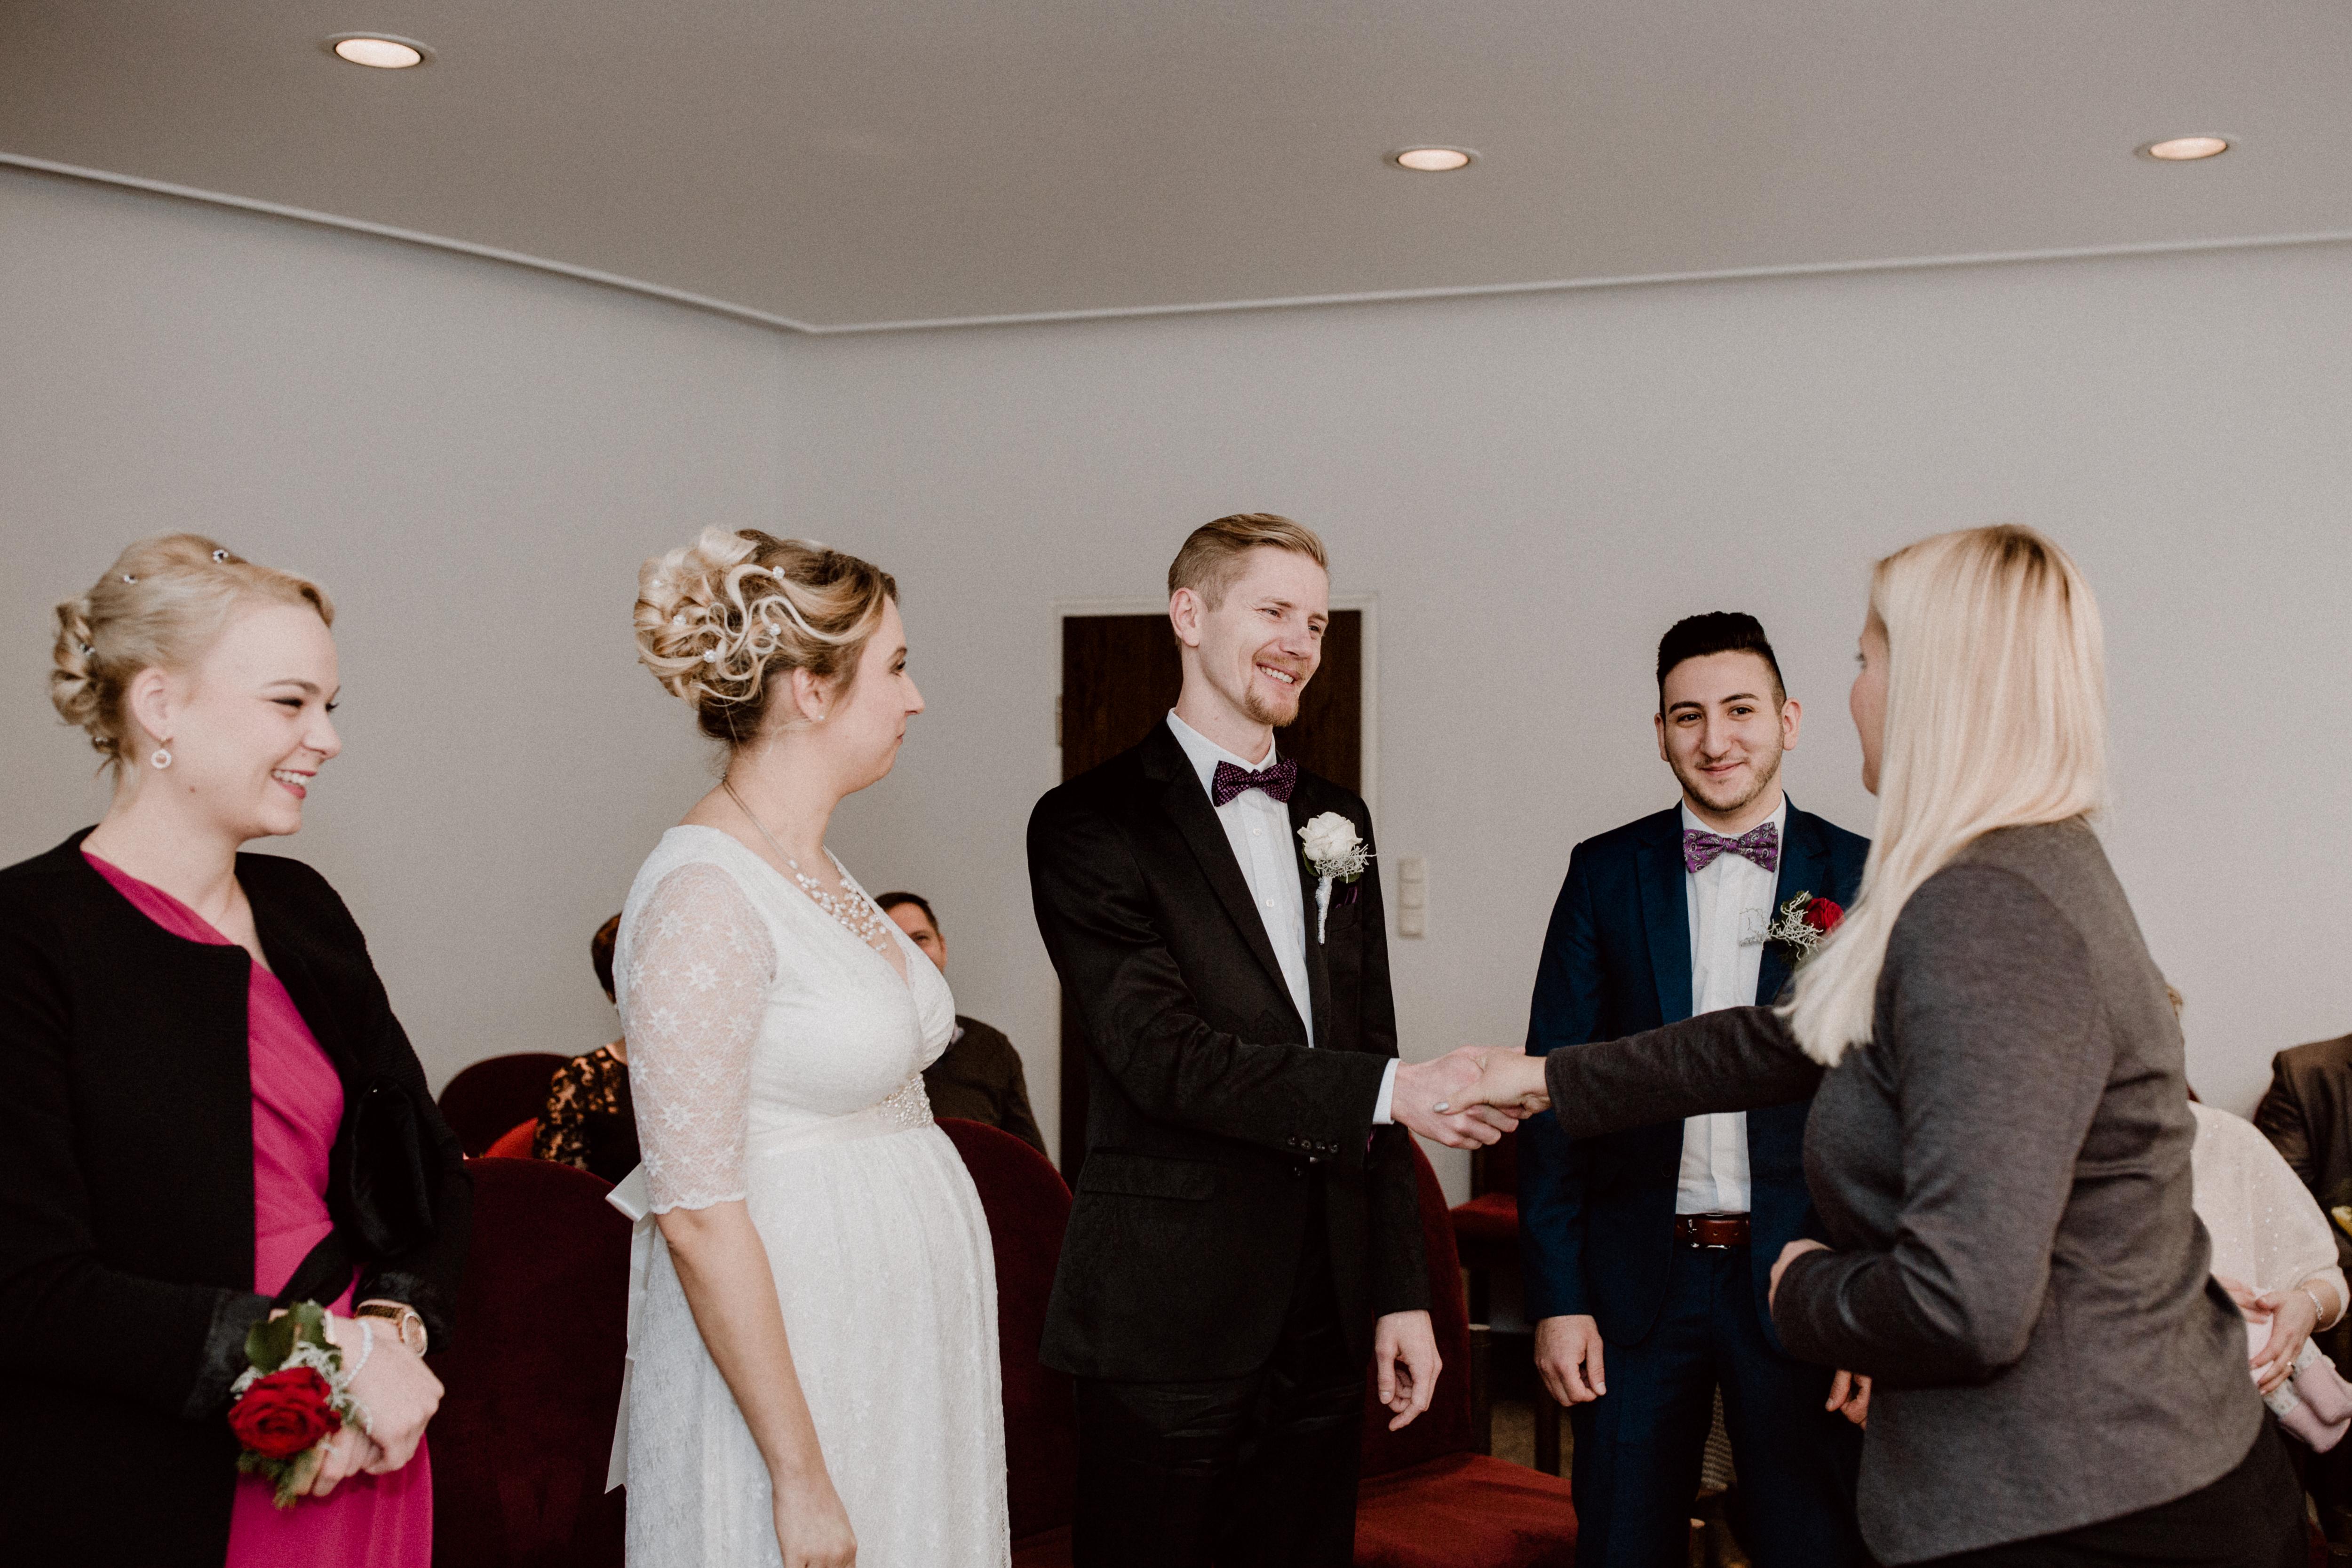 URBANERIE_Daniela_Goth_Hochzeitsfotografin_Nürnberg_Fürth_Erlangen_Schwabach_171110_0130